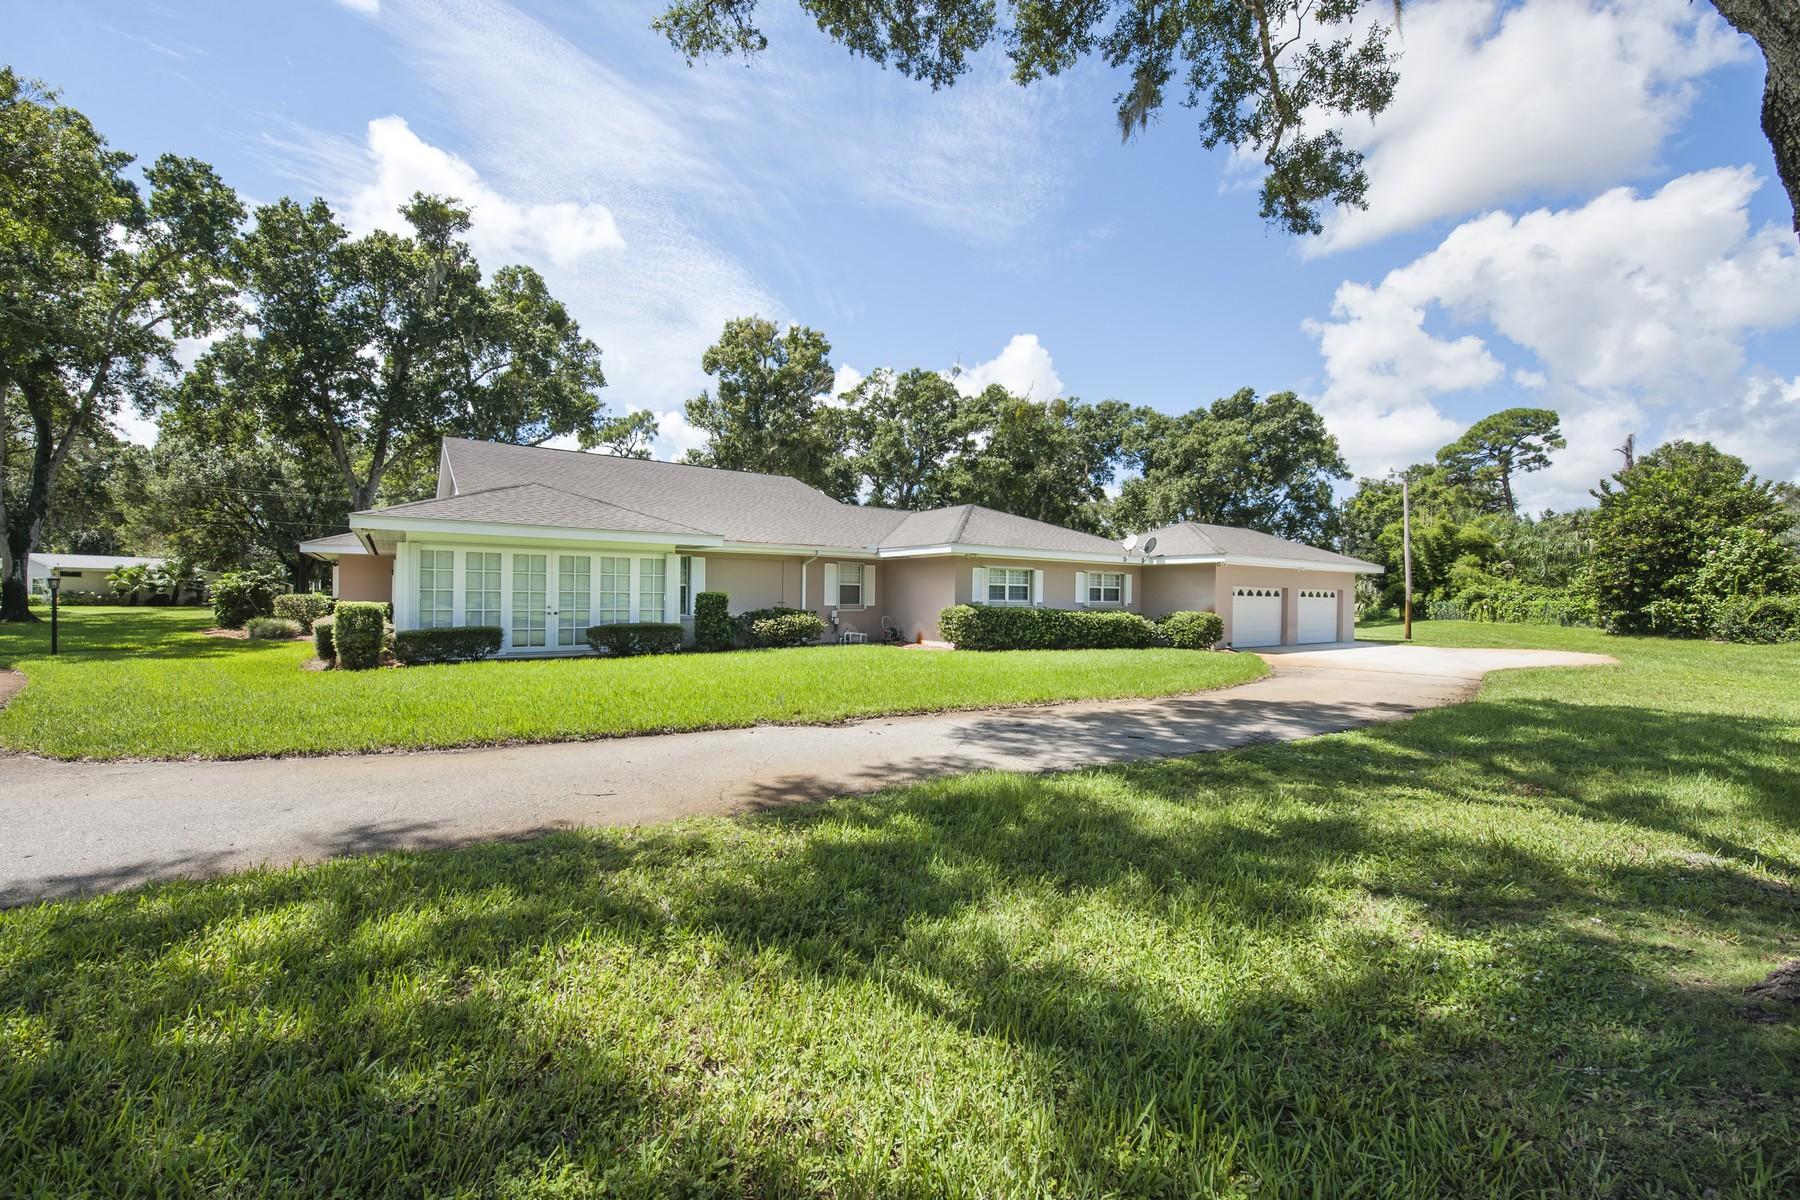 Casa Unifamiliar por un Venta en Old Florida Charm on Doctor's Row 1701 44th Avenue Vero Beach, Florida, 32966 Estados Unidos